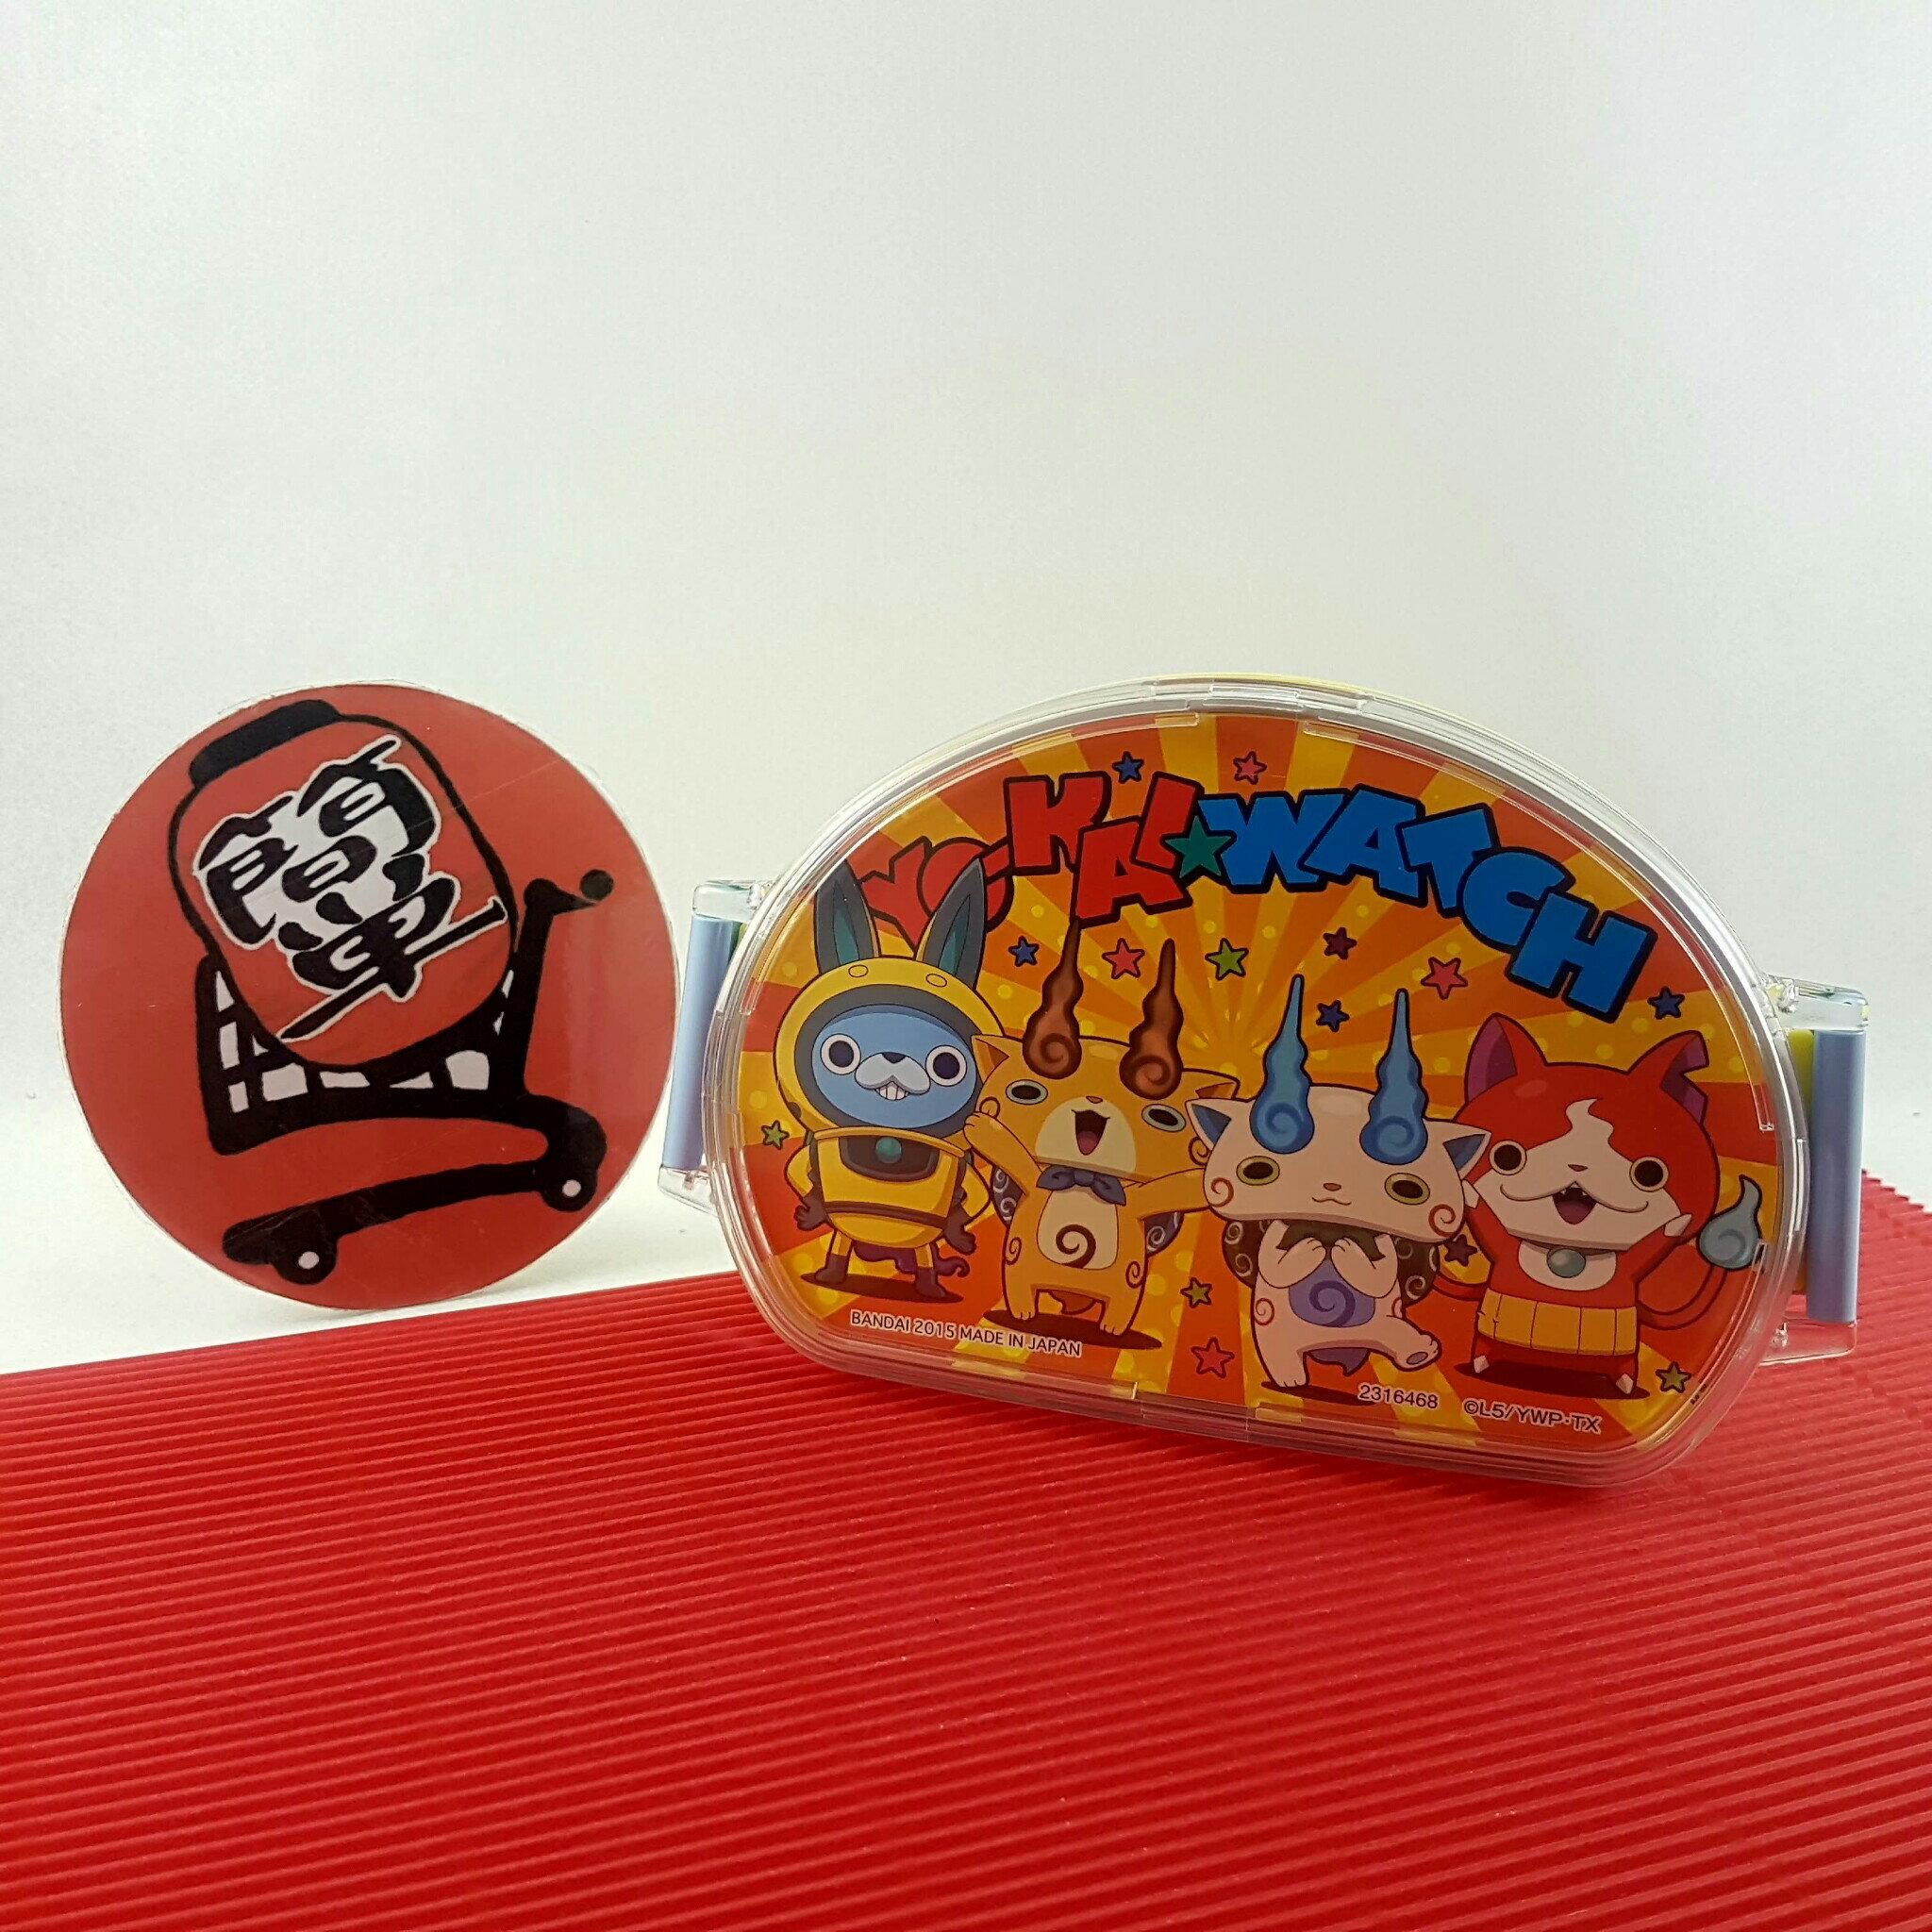 『簡?全球購』妖怪手錶 DX 兒童雙面便當盒 可微波 日本製